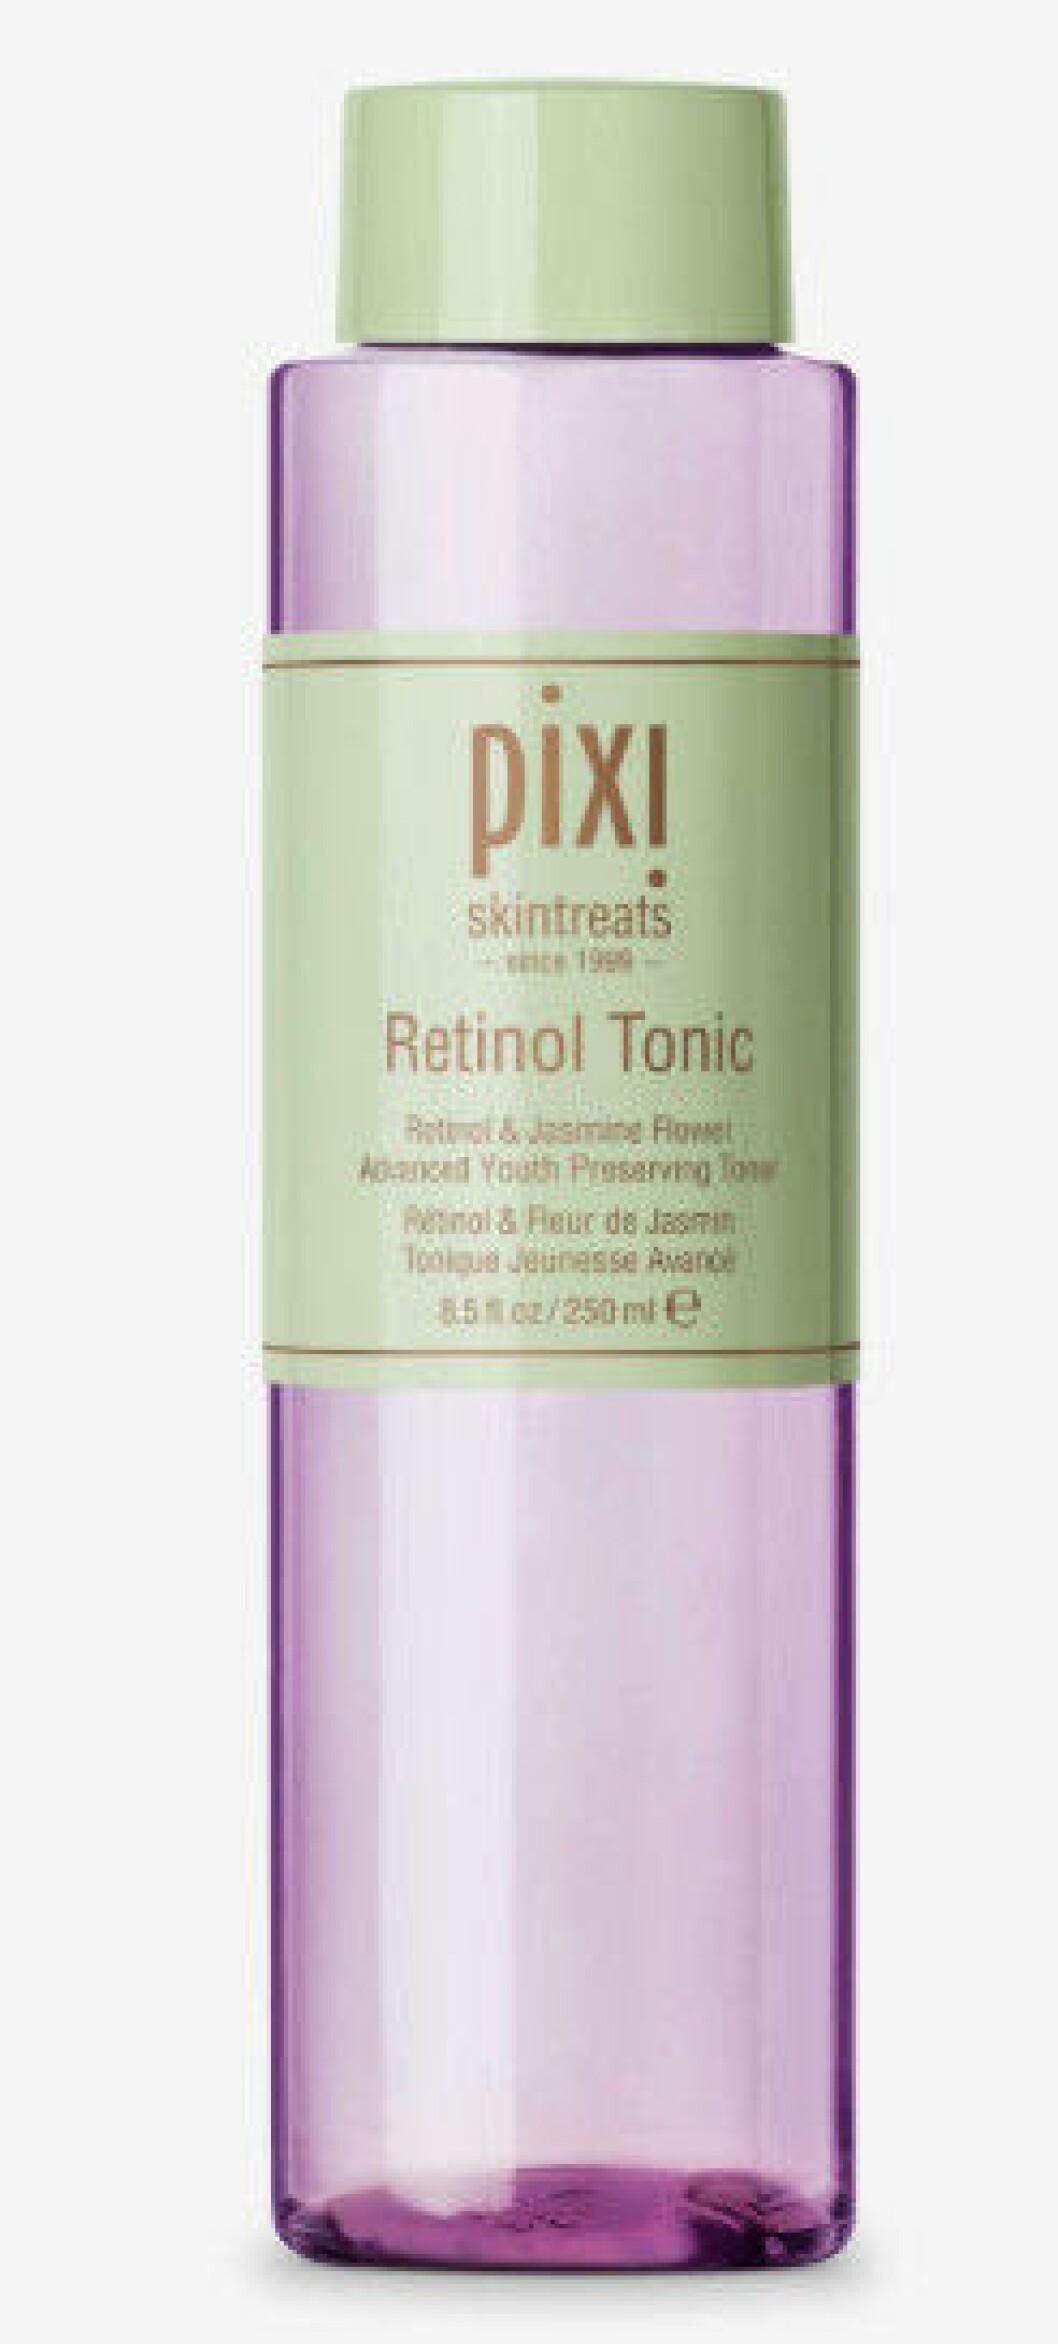 Pixi retinol tonic är ett ansiktsvatten som gör hudytan fin